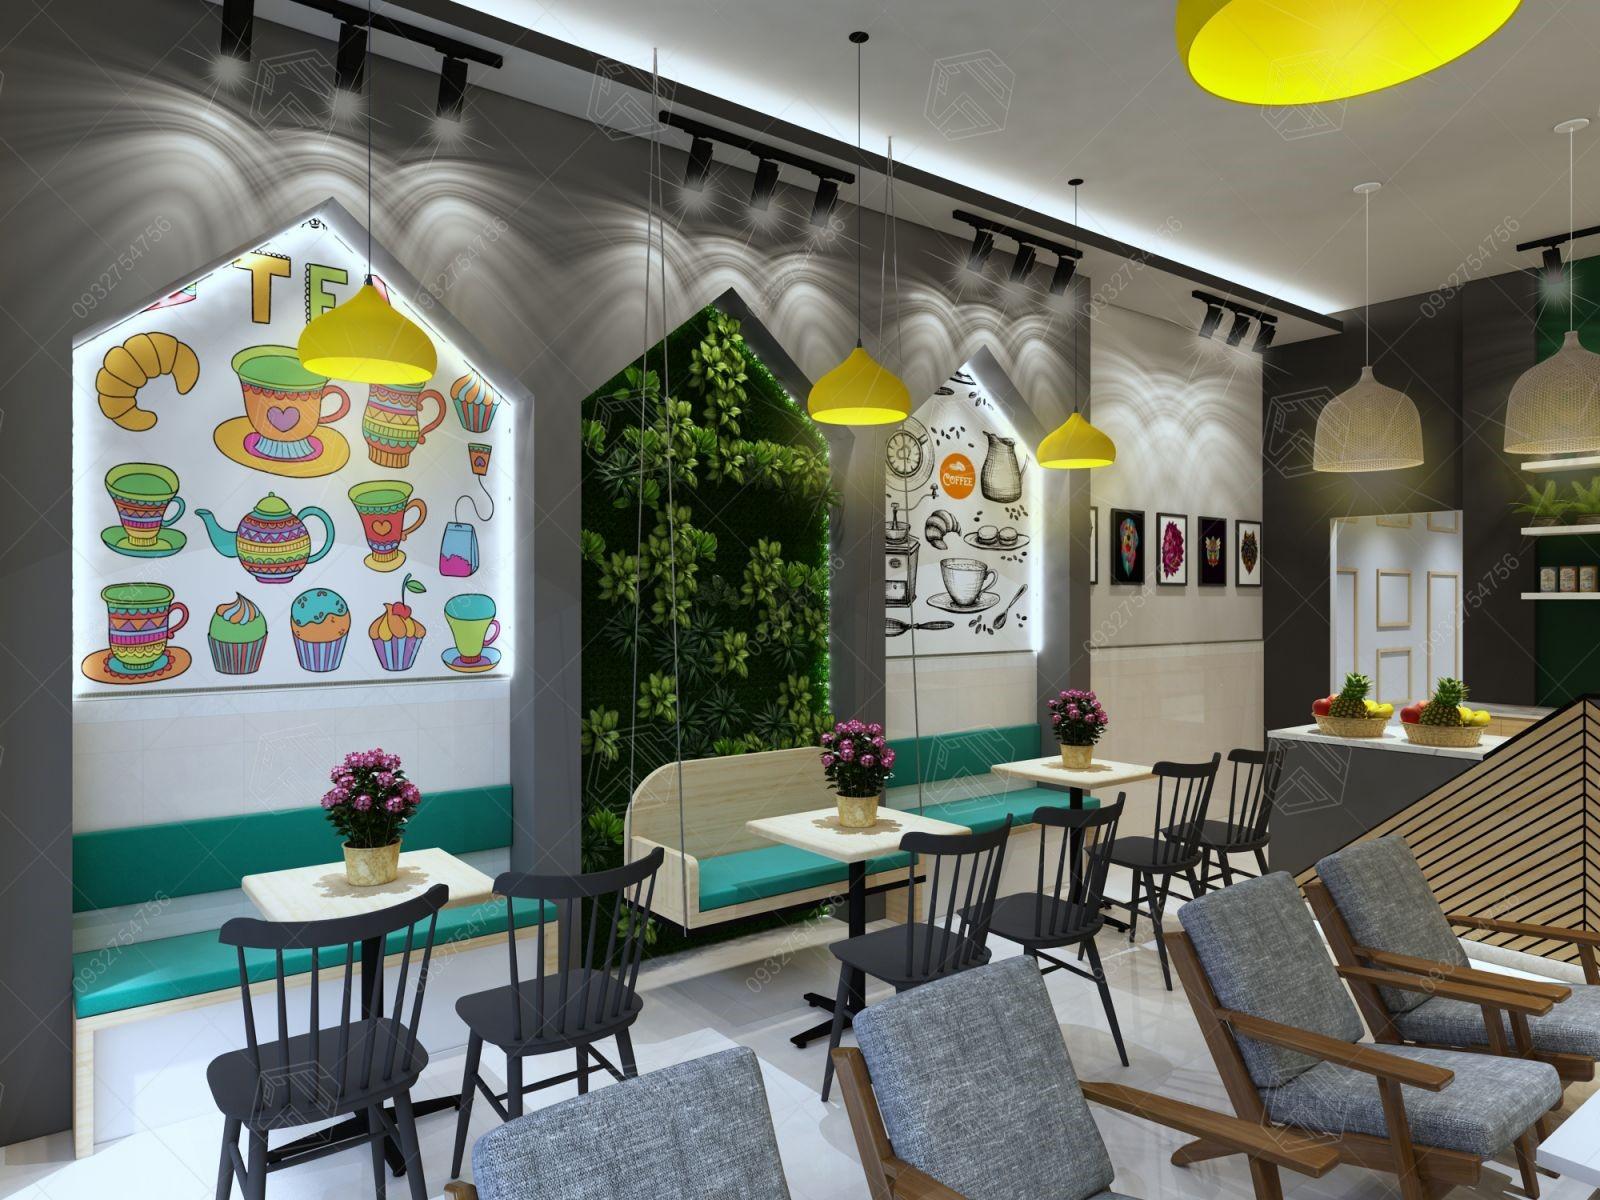 Thiết kế tiệm trà sữa đẹp thu hút khách hàng